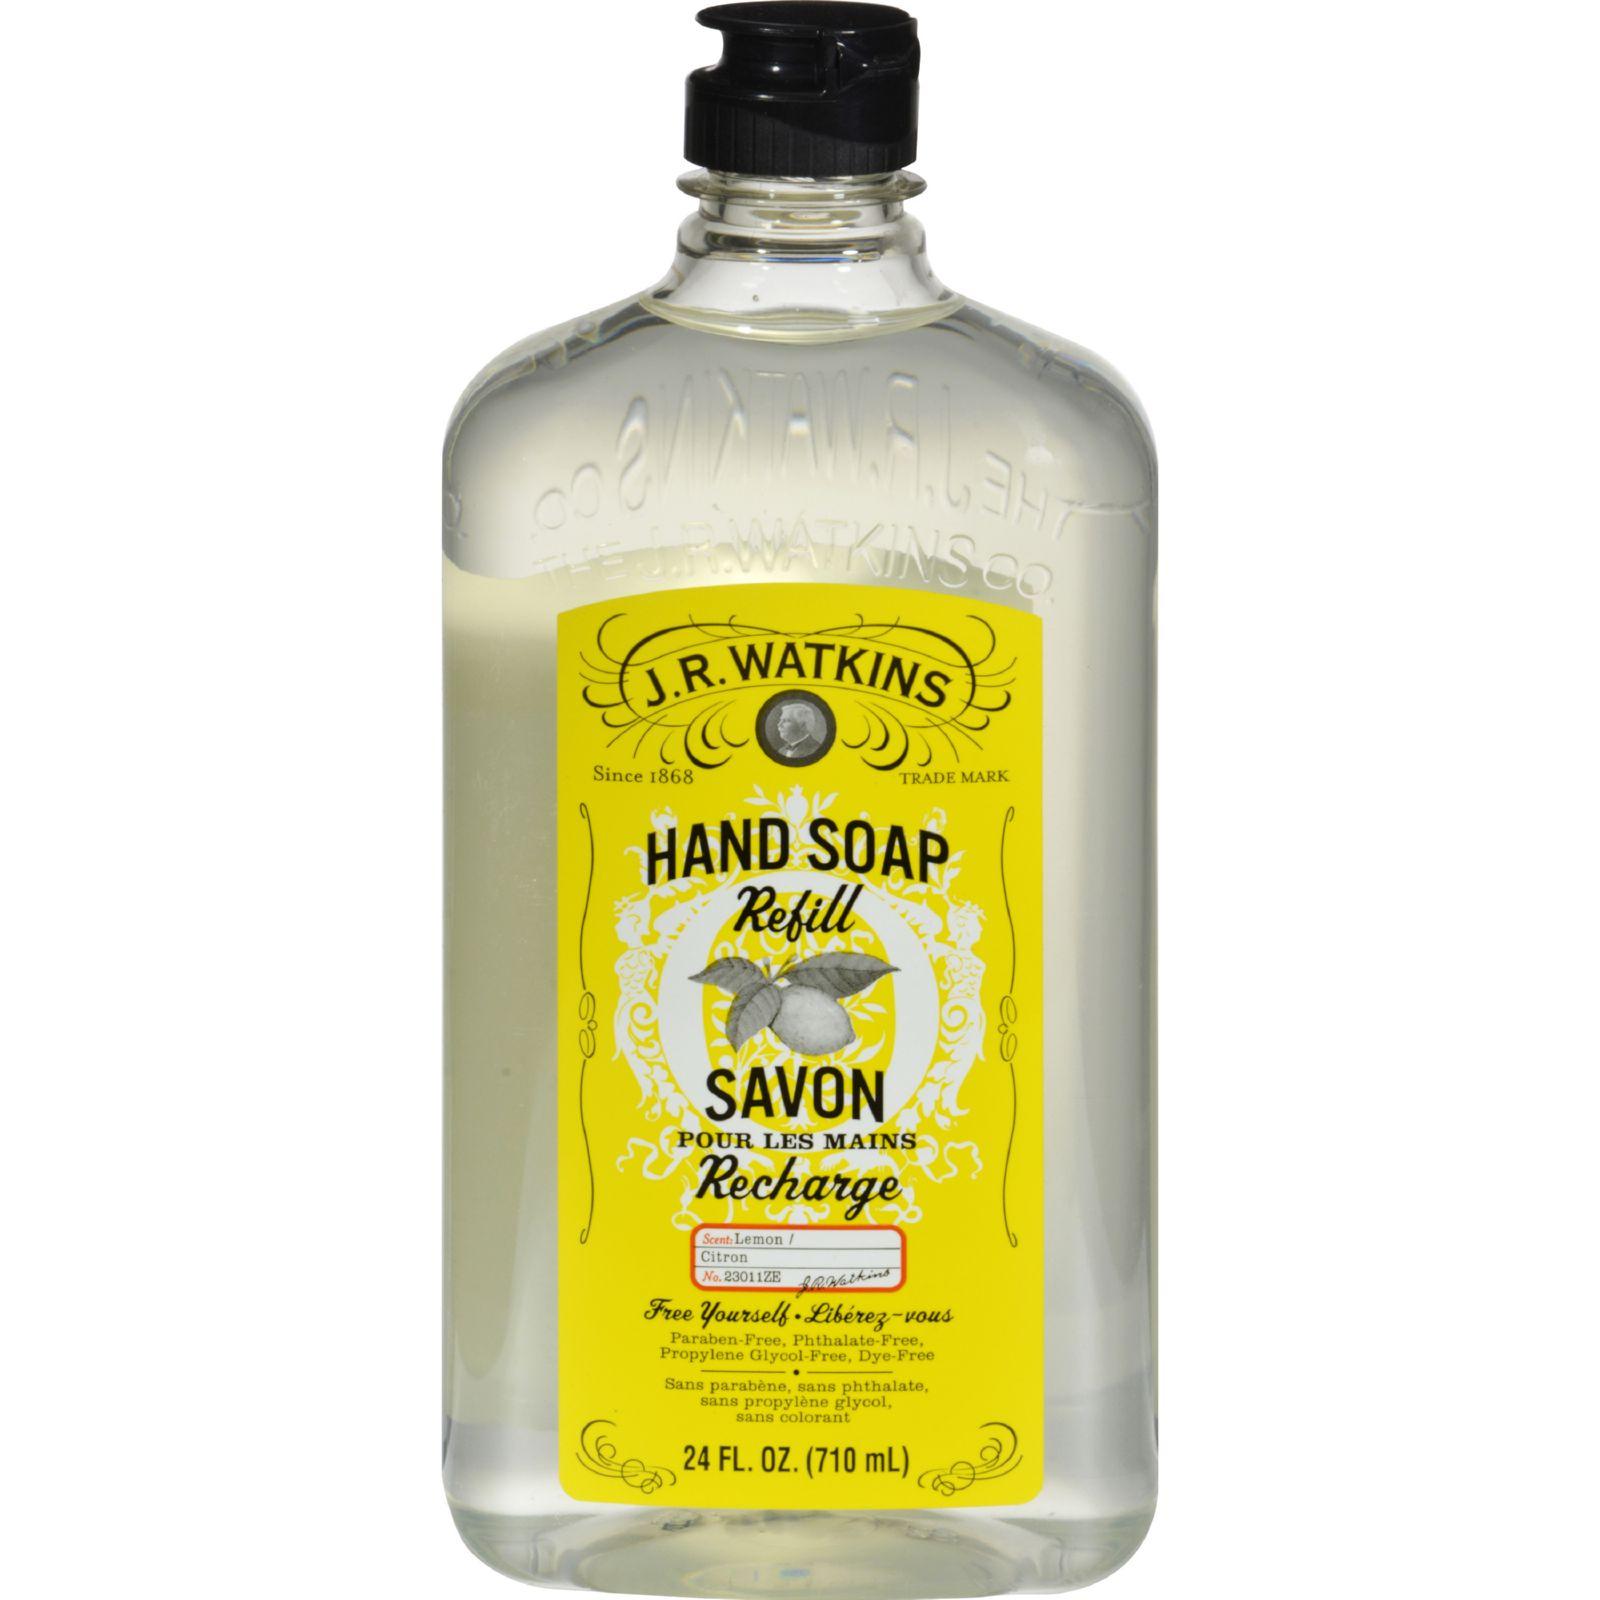 J.R. Watkins Liquid Hand Soap - Refill - Lemon - 24 fl oz